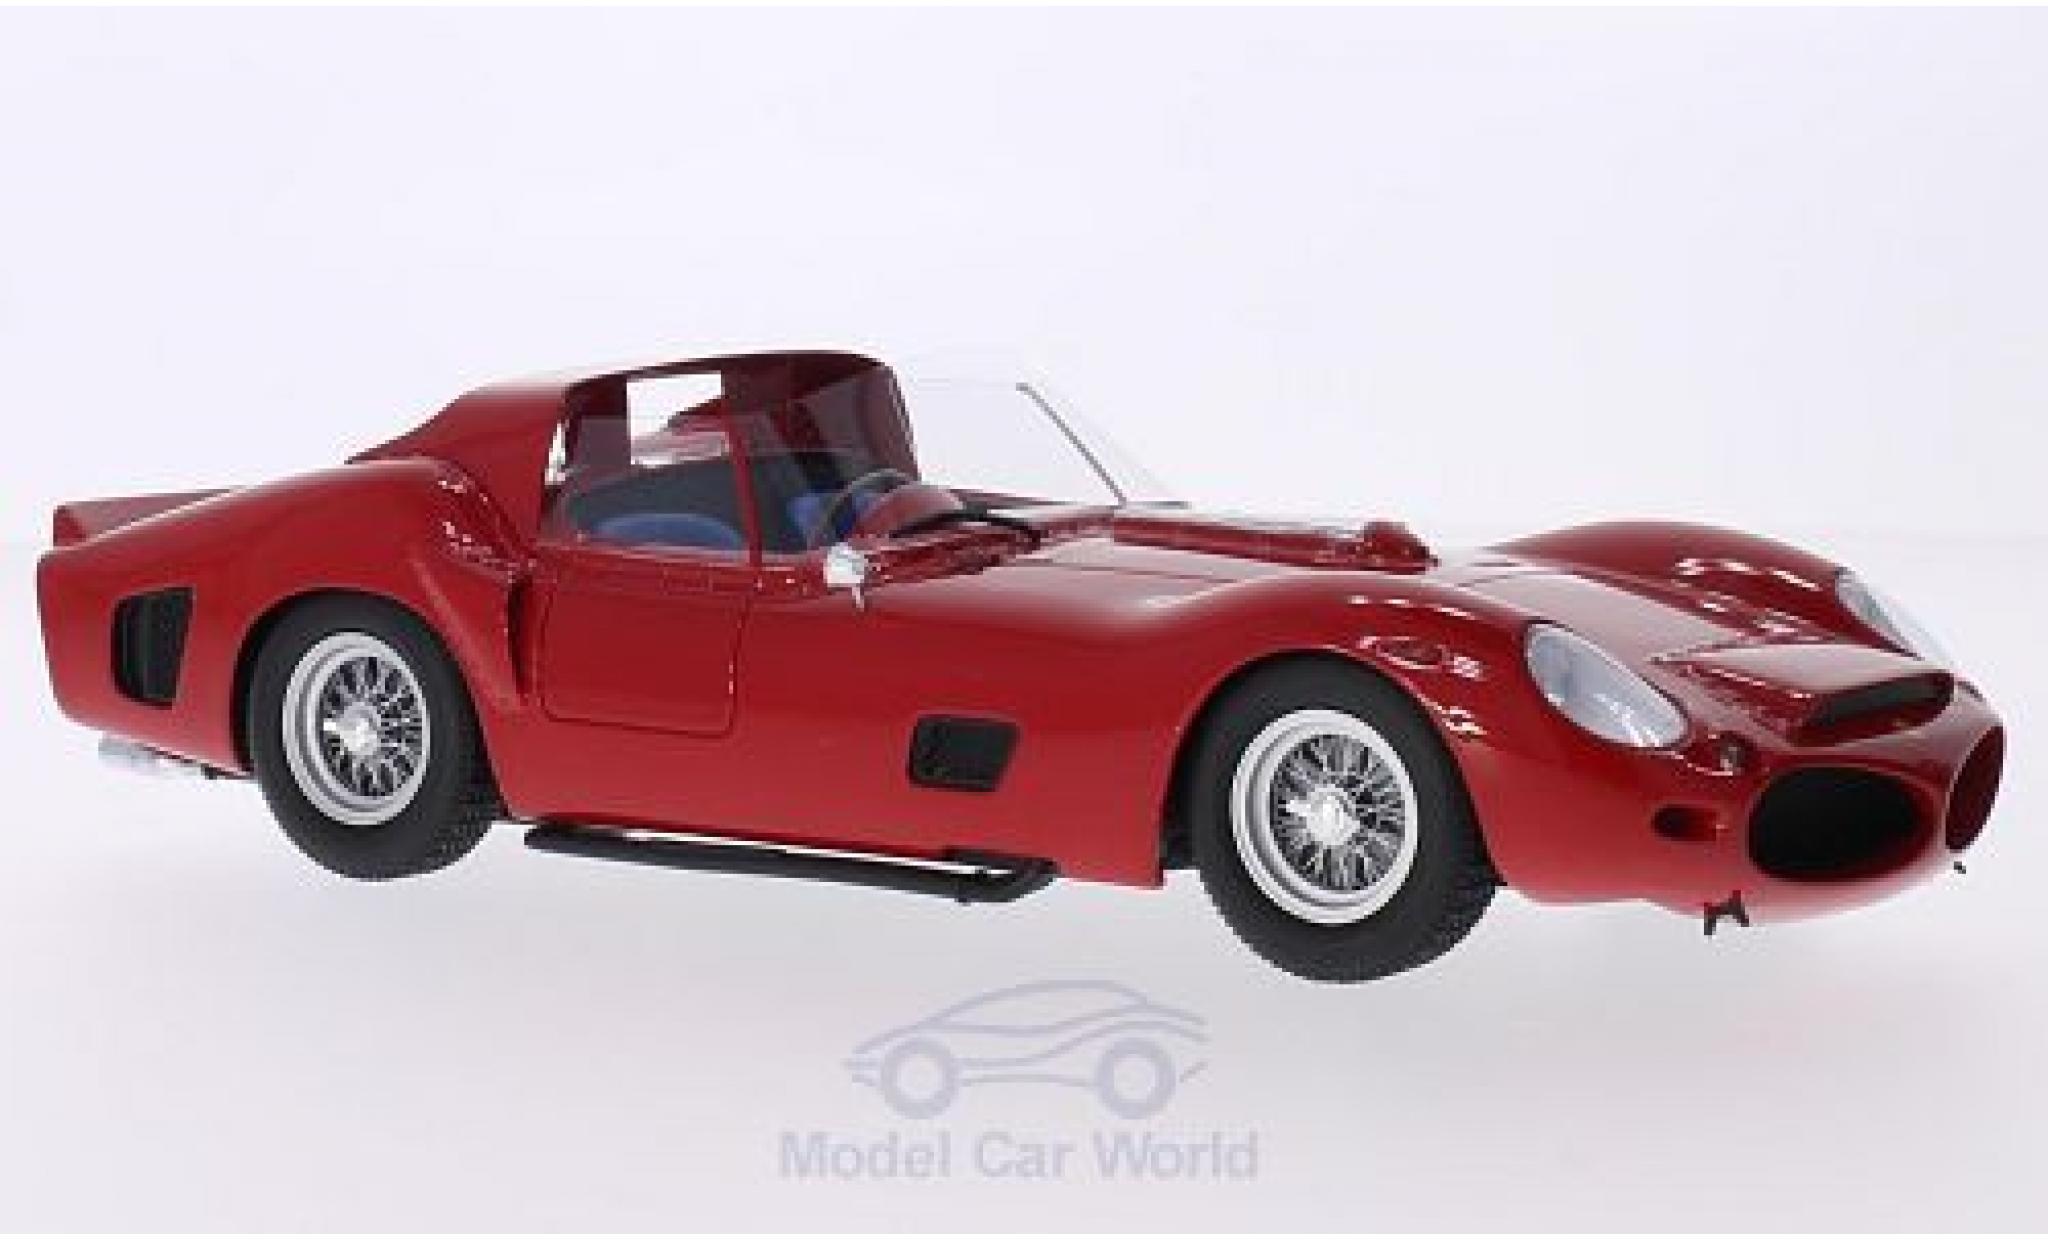 Ferrari 330 1/18 CMF TRI/LM rouge RHD 1962 Plain Body Version